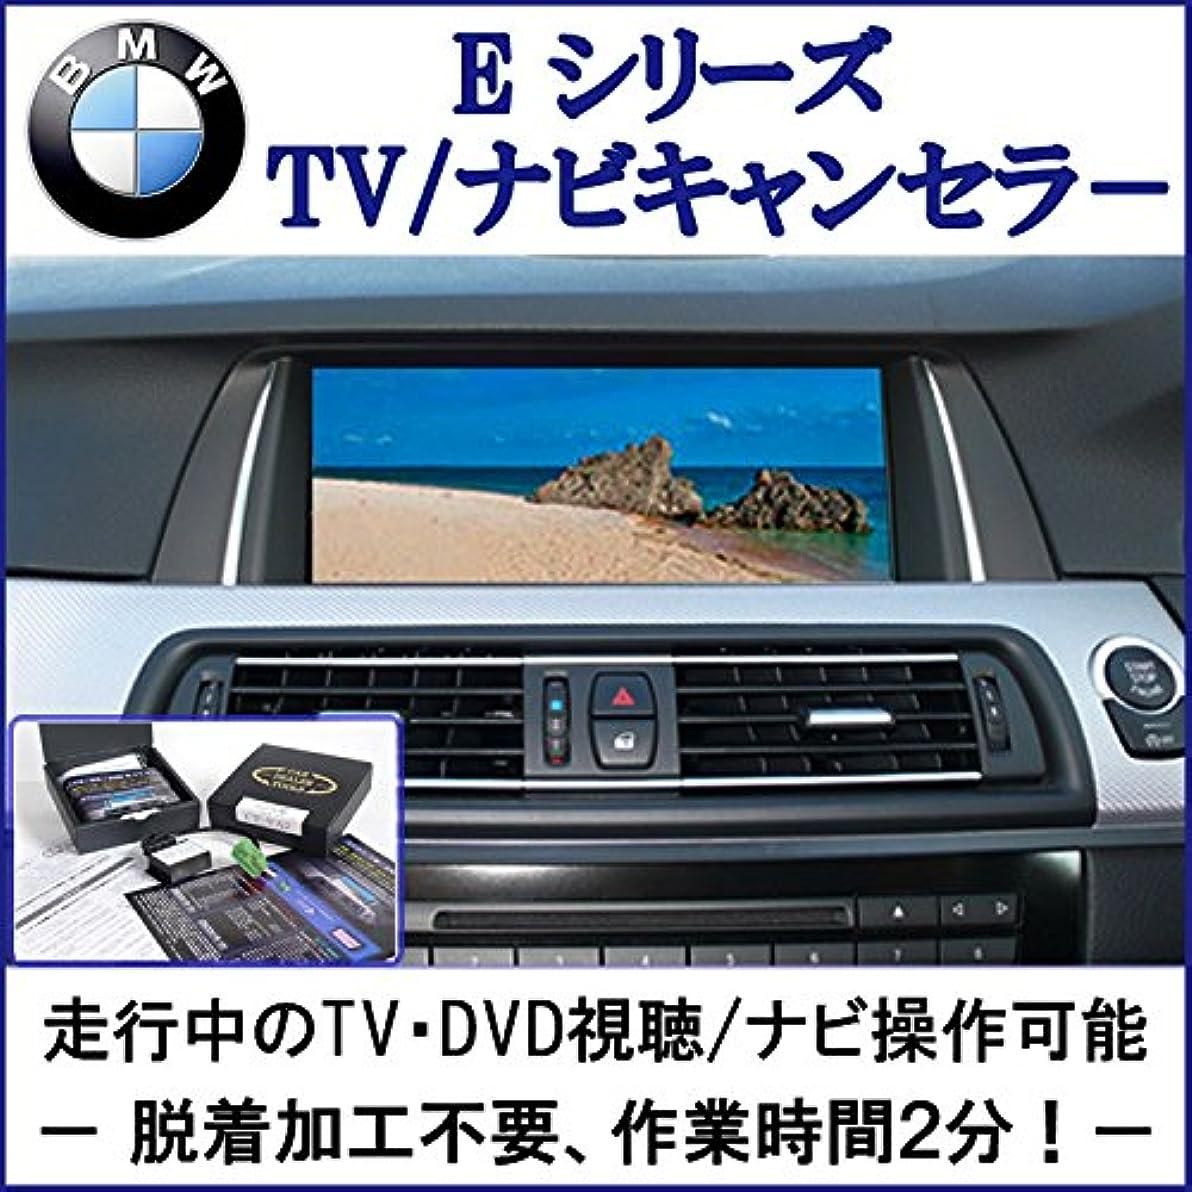 血まみれのシニス同意する作業不要!挿込だけ!BMW Eシリーズ CIC iDrive TVキャンセラー/テレビキャンセラー/ナビキャンセラー[CT-BM3](E90/E91/E92/E93/E60/E64/E84/E70/E71/E72/E89)